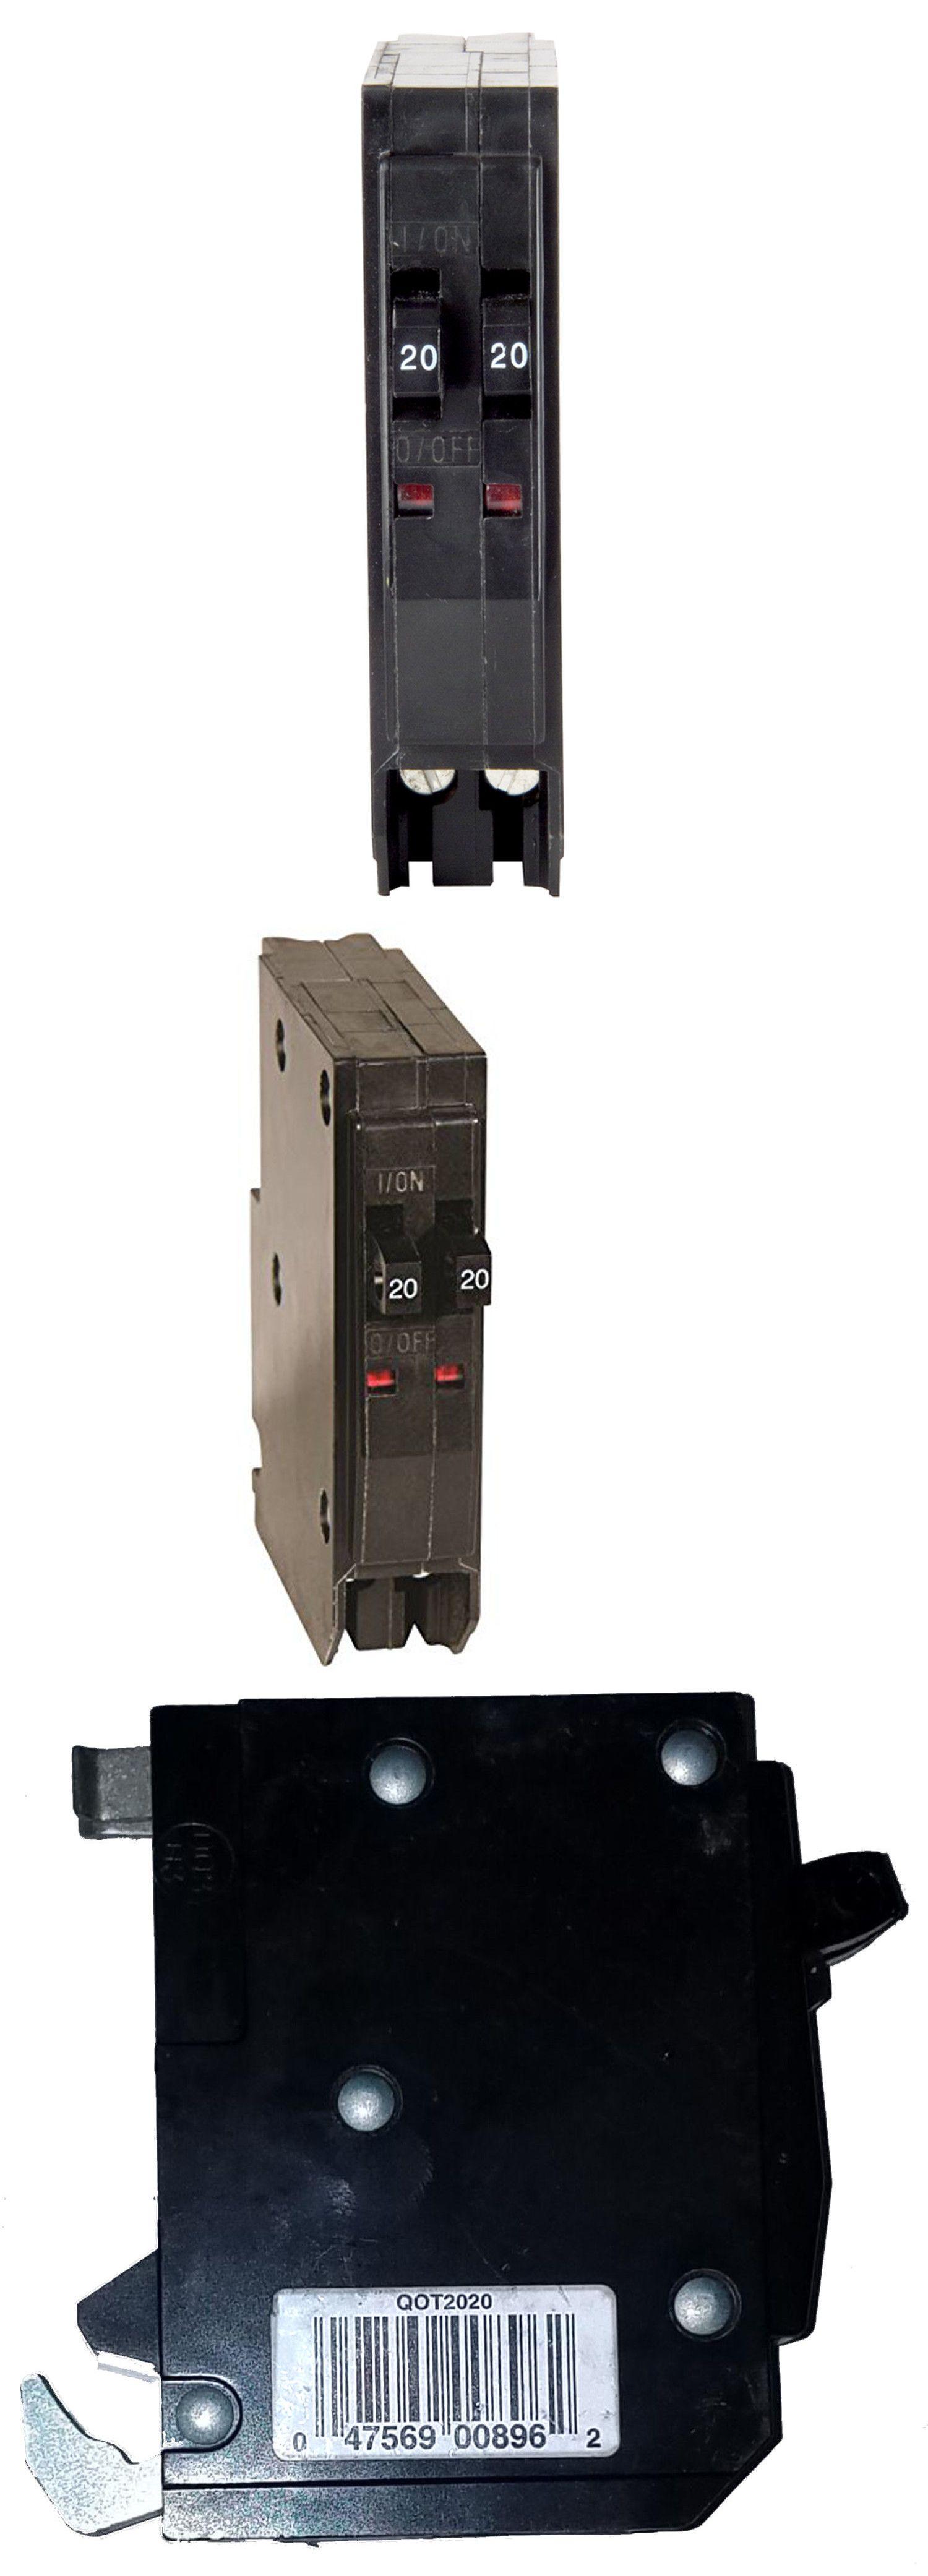 Orange Honda Fit Fuse Box Wiring Diagram Libraries Electric Breaker Square D Diagramscircuit Breakers And Boxes 20596 Qo 20 Amp